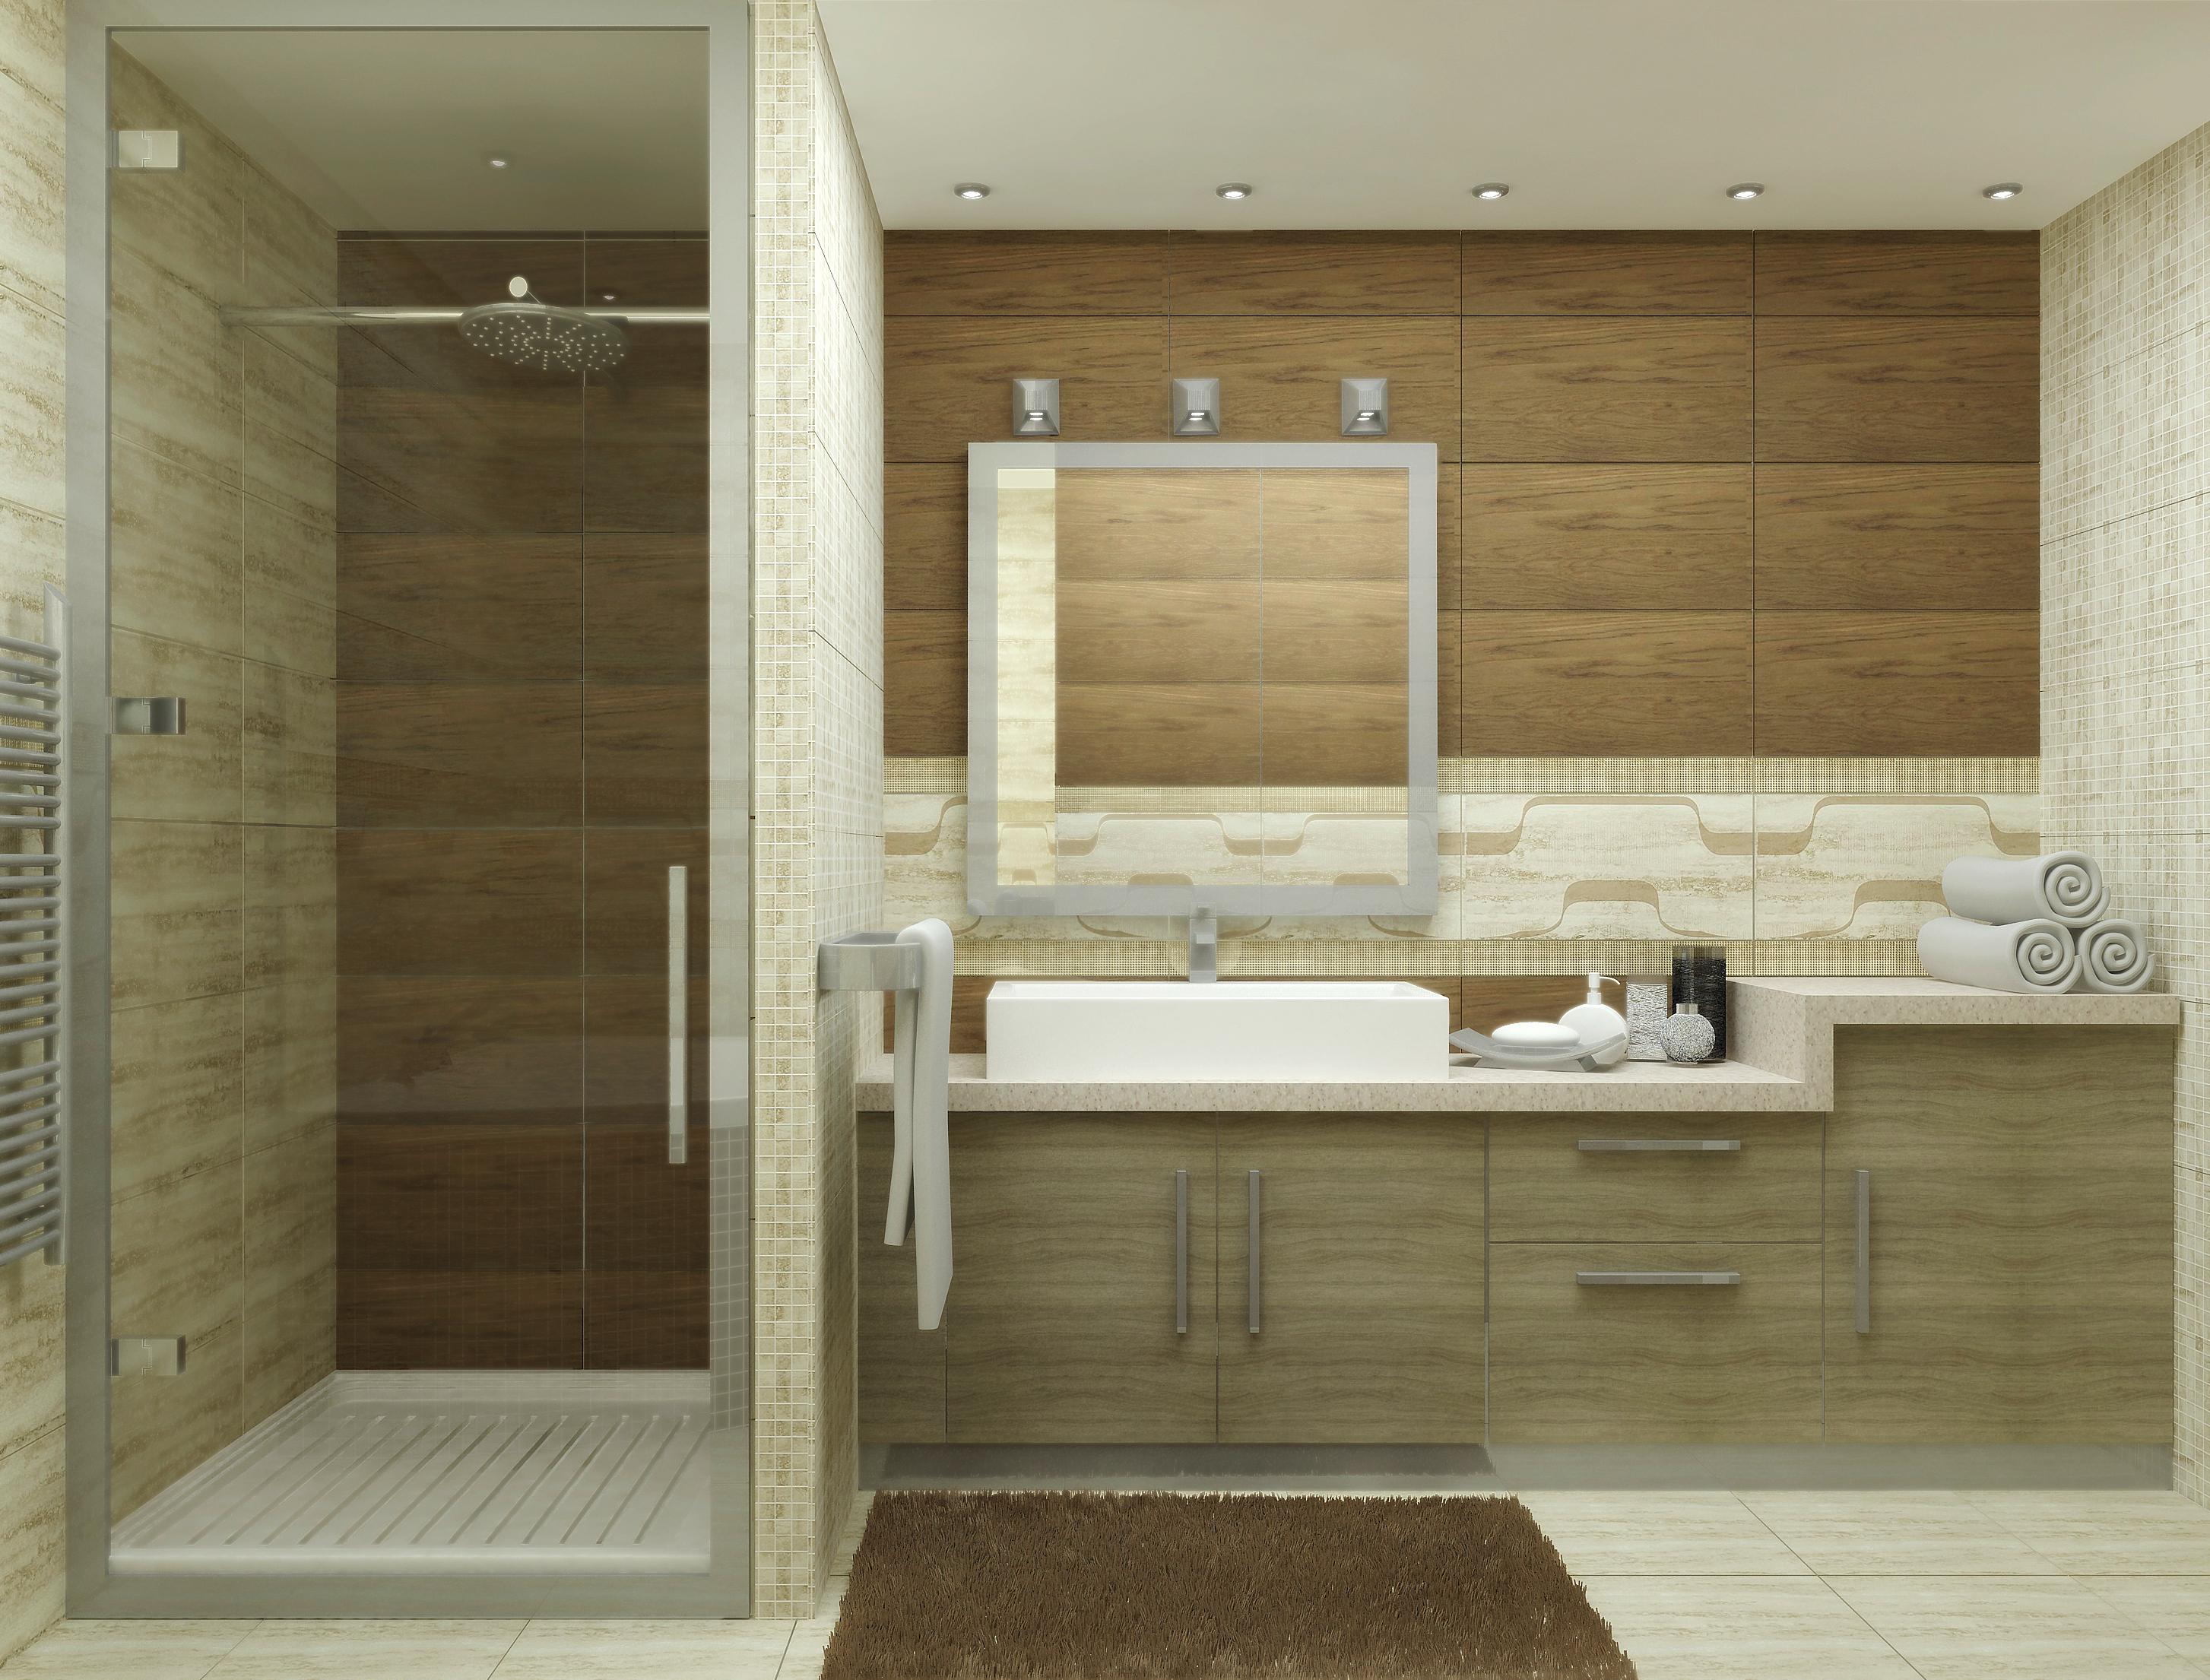 Визуализация ванны вариант №1.1.jpg